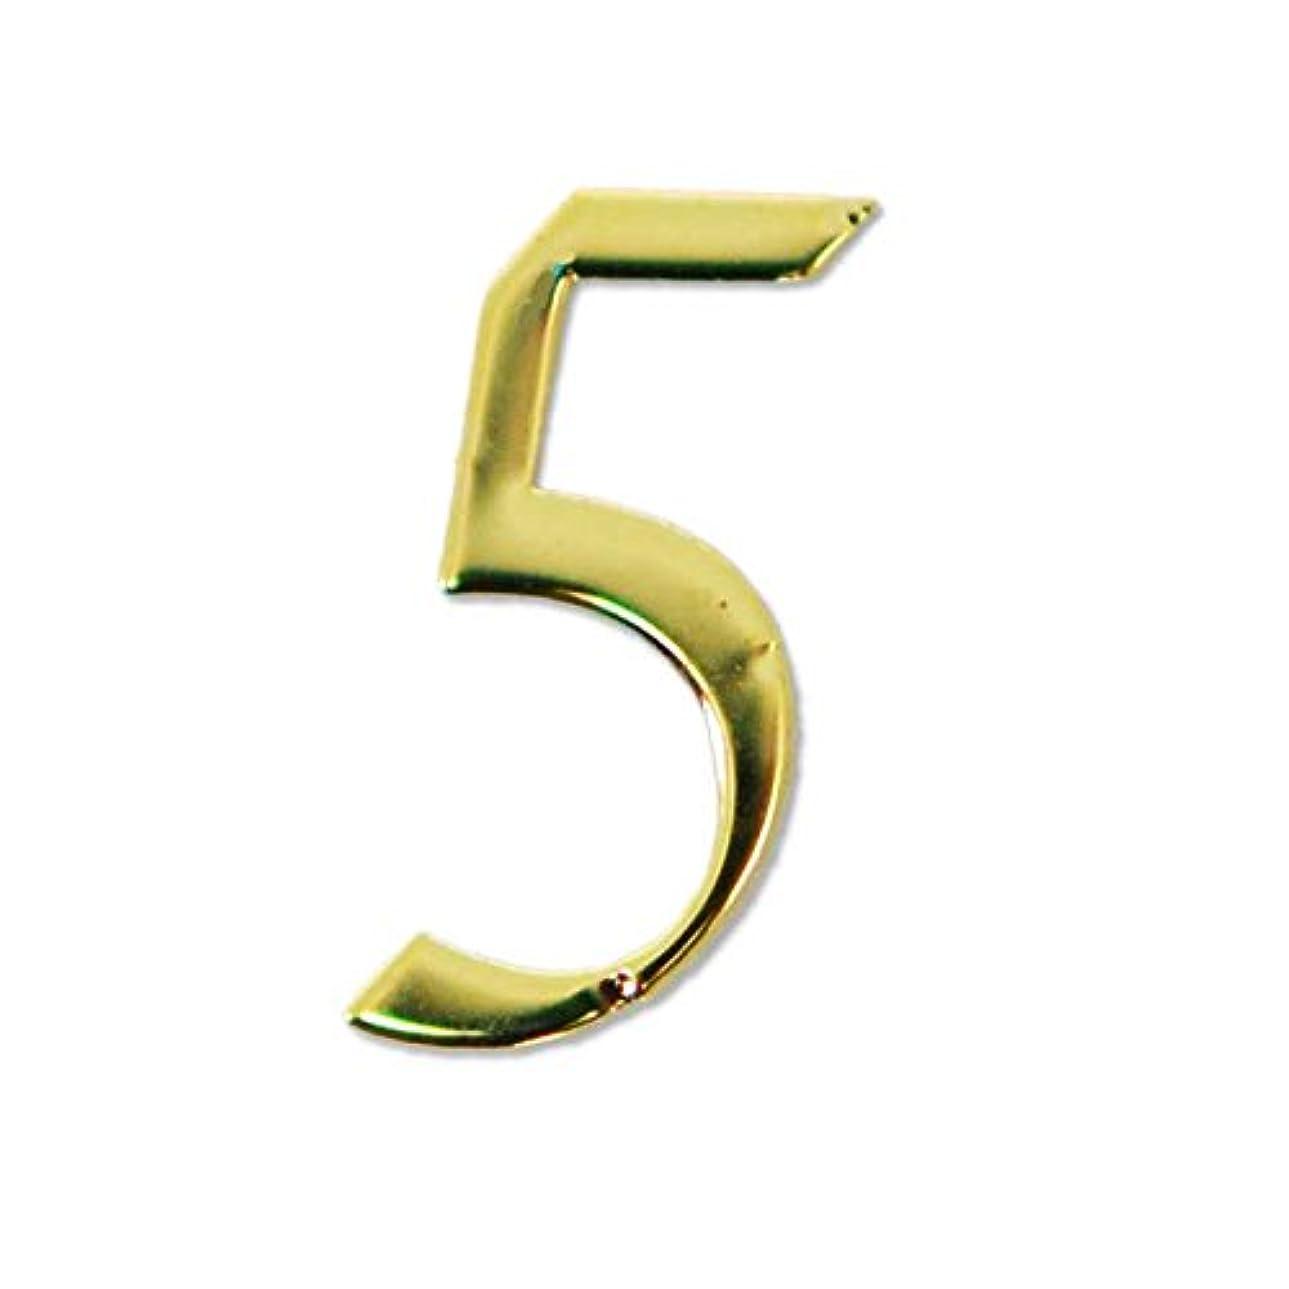 代わりにを立てる我慢する属性数字の薄型メタルパーツ ゴールド 30枚 (5(five/五)3mm×5mm)